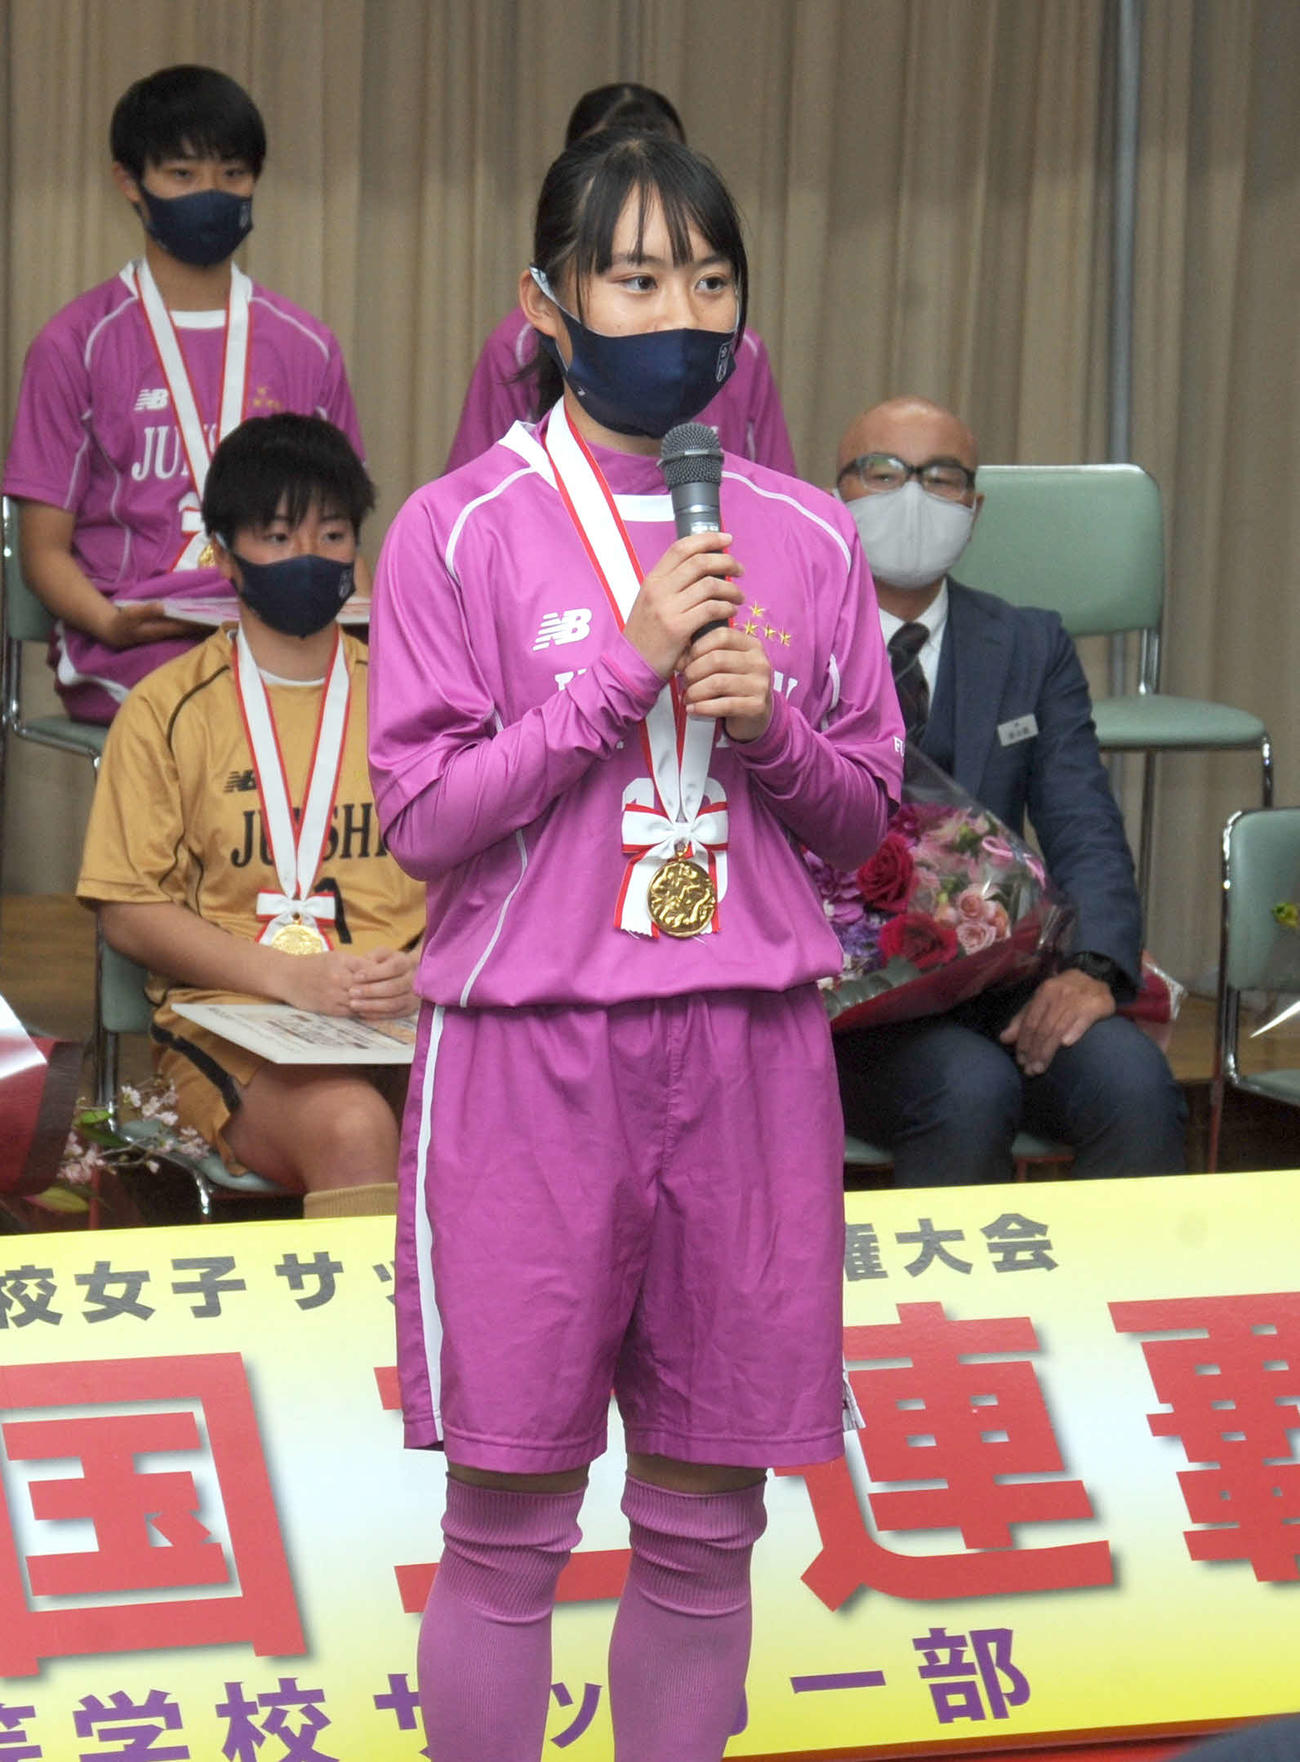 藤枝市の北村市長らに選手を代表してあいさつをする藤枝順心の柳瀬主将